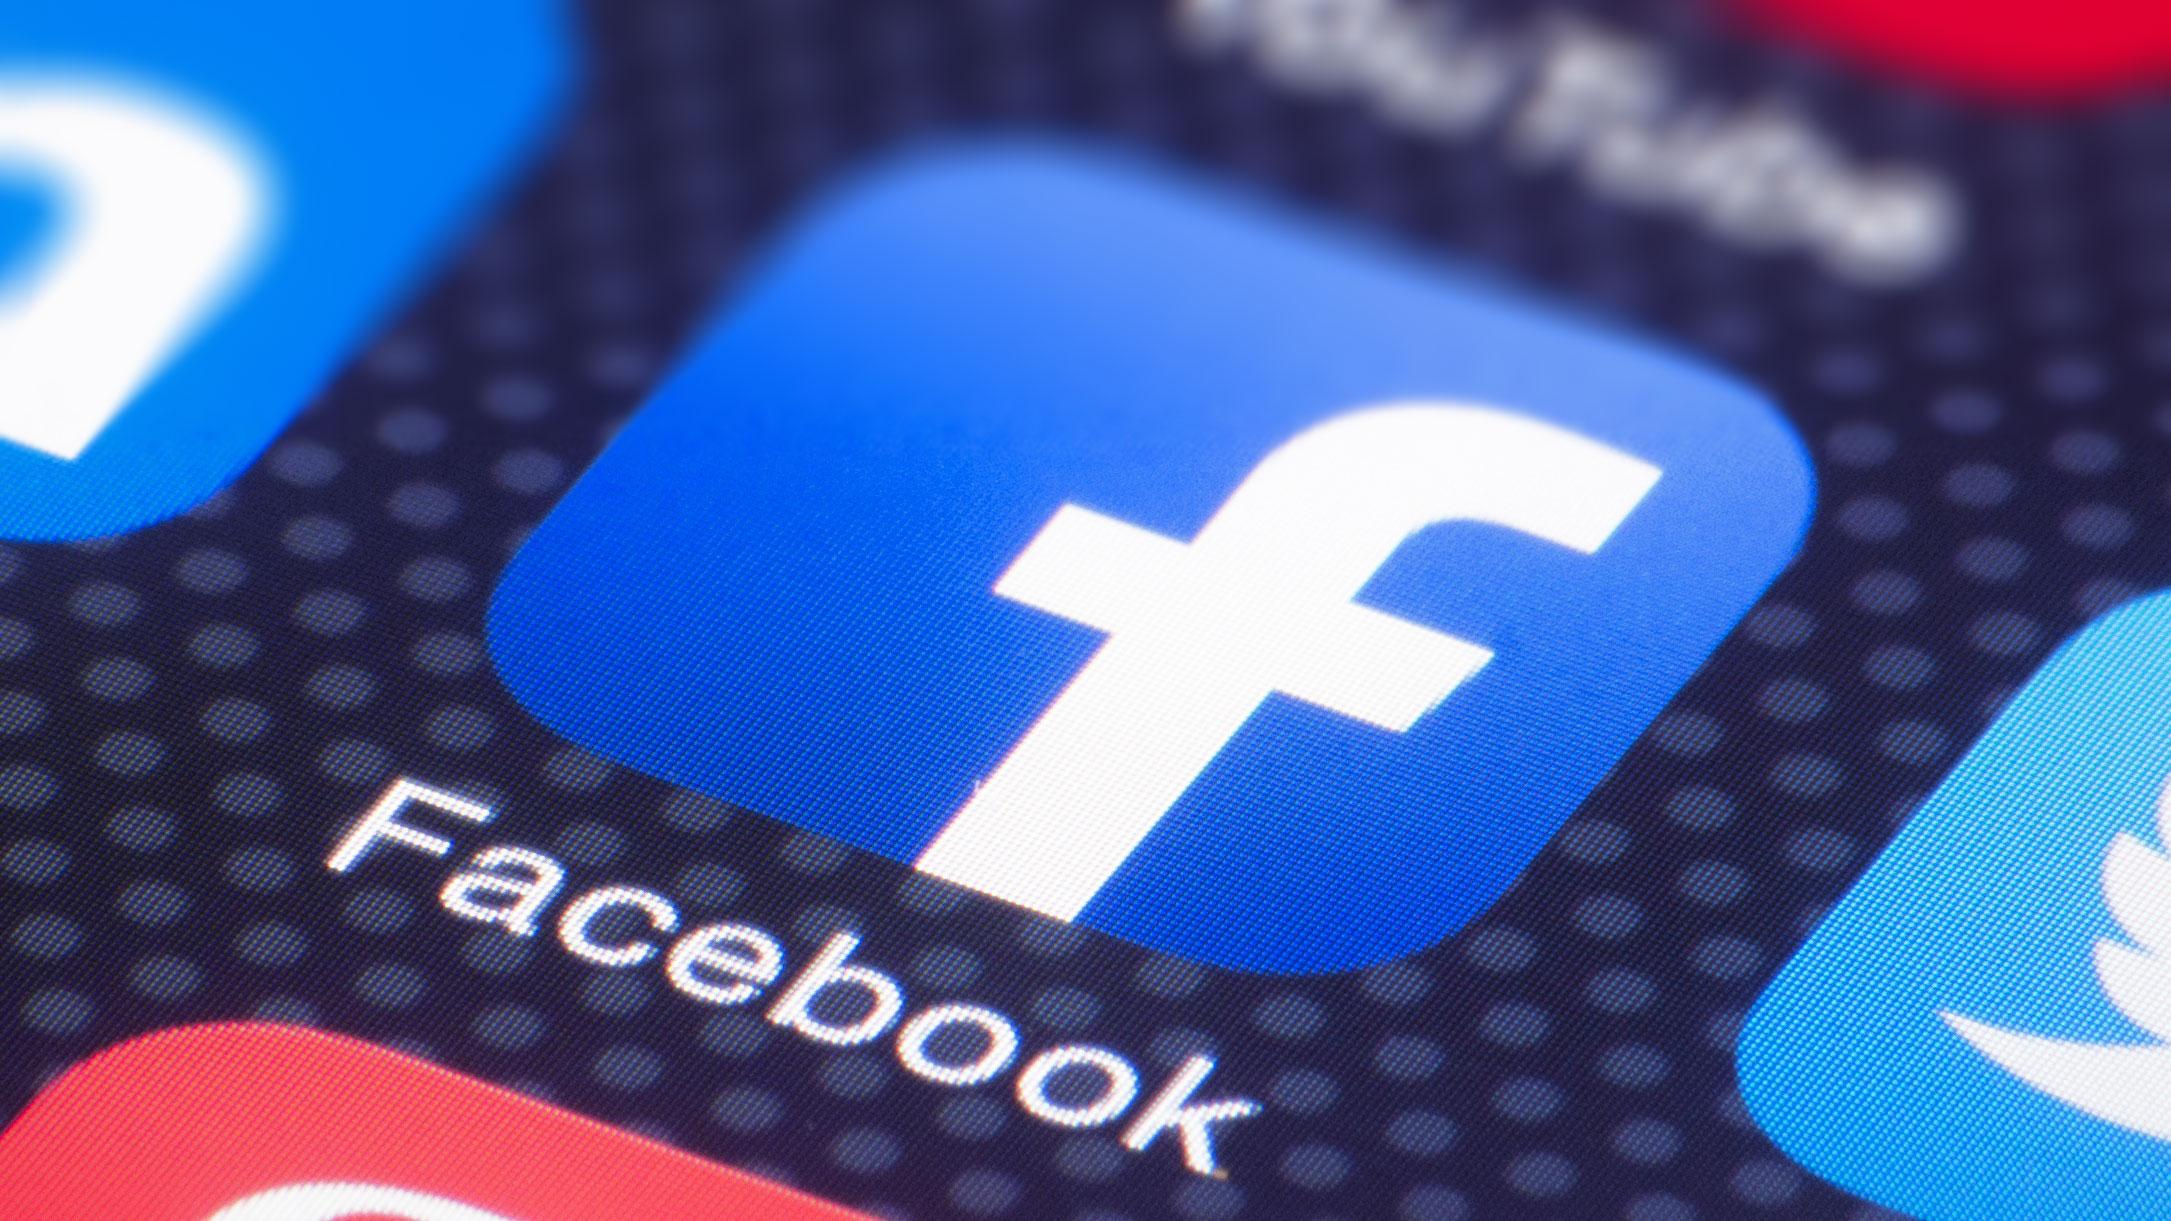 Dünya genelinde internet sıkıntısı: Facebook hisseleri çöktü!